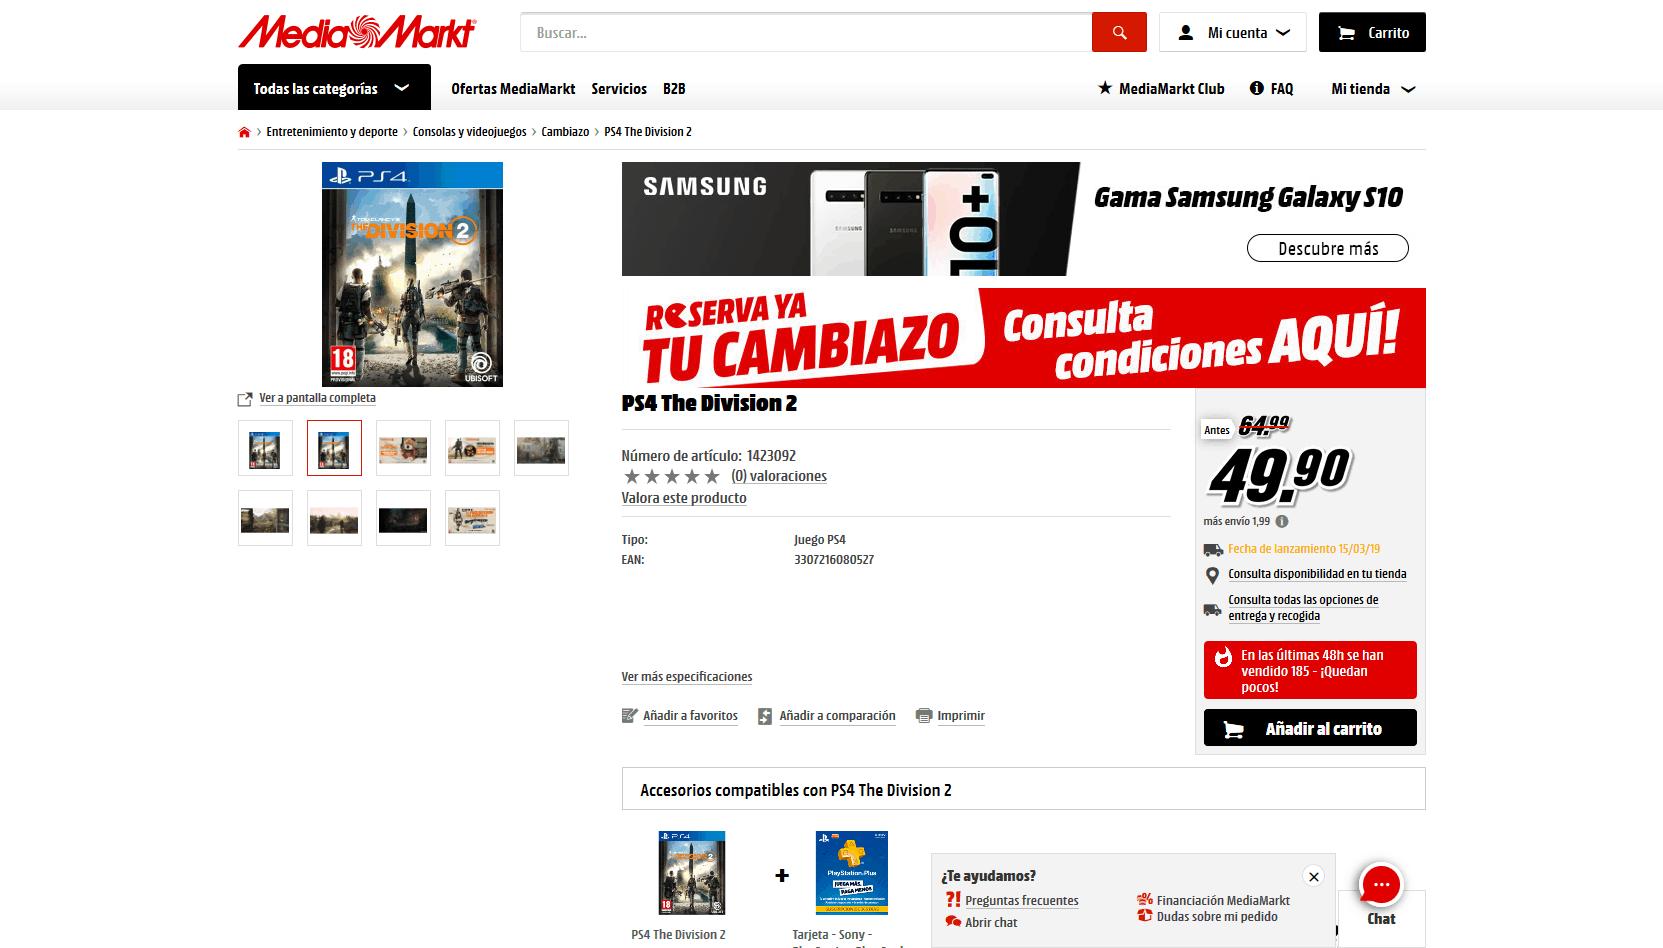 Cambiazo Media Markt en the Division 2